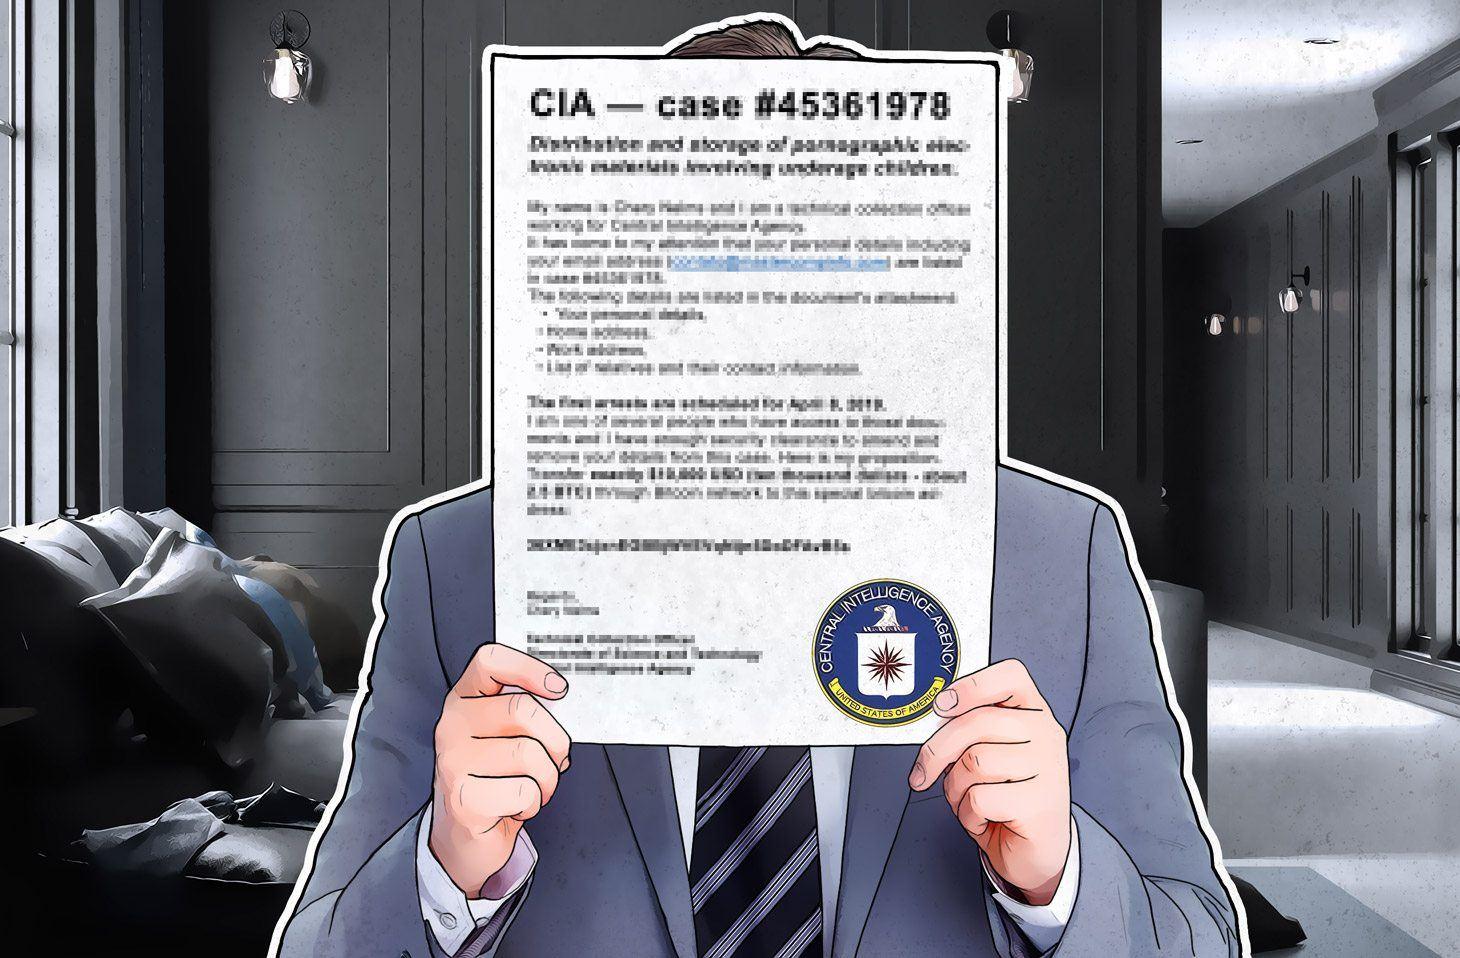 Eine Nachricht, angeblich von der CIA, die mit der Verhaftung wegen Besitzes von Kinderpornografie und der Forderung nach einem Lösegeld droht